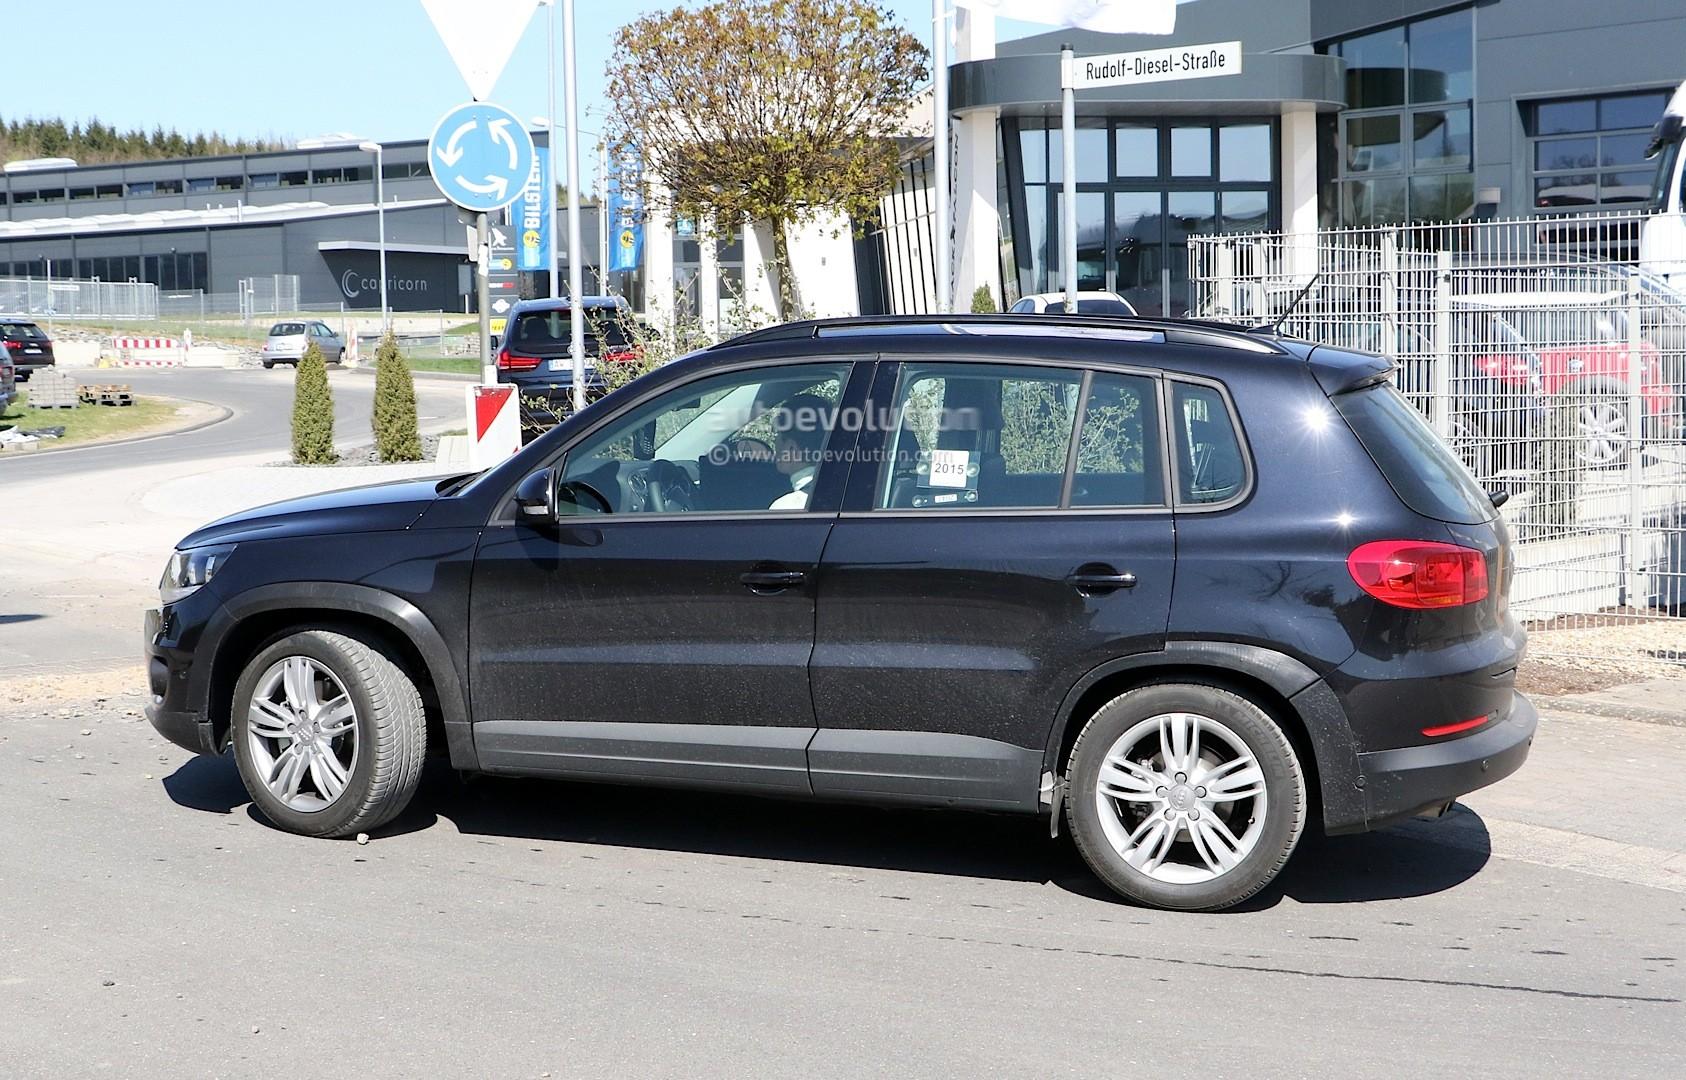 2016 - [Audi] Q2 - Page 6 Spyshots-audi-q1-test-mule-hides-under-volkswagen-tiguan-disguise_5